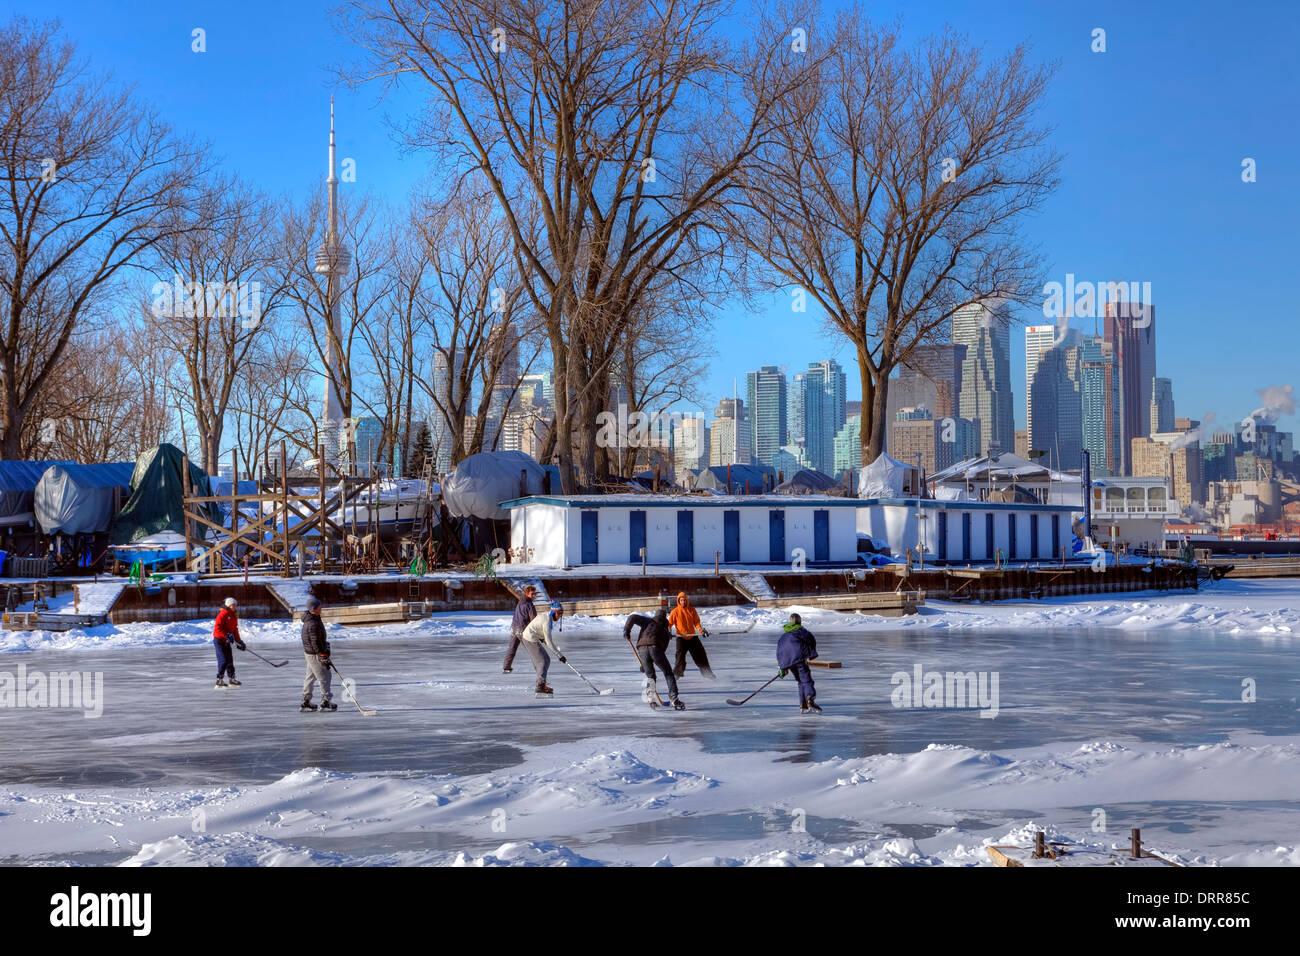 El hockey sobre hielo, Toronto, Ontario, Canadá Imagen De Stock